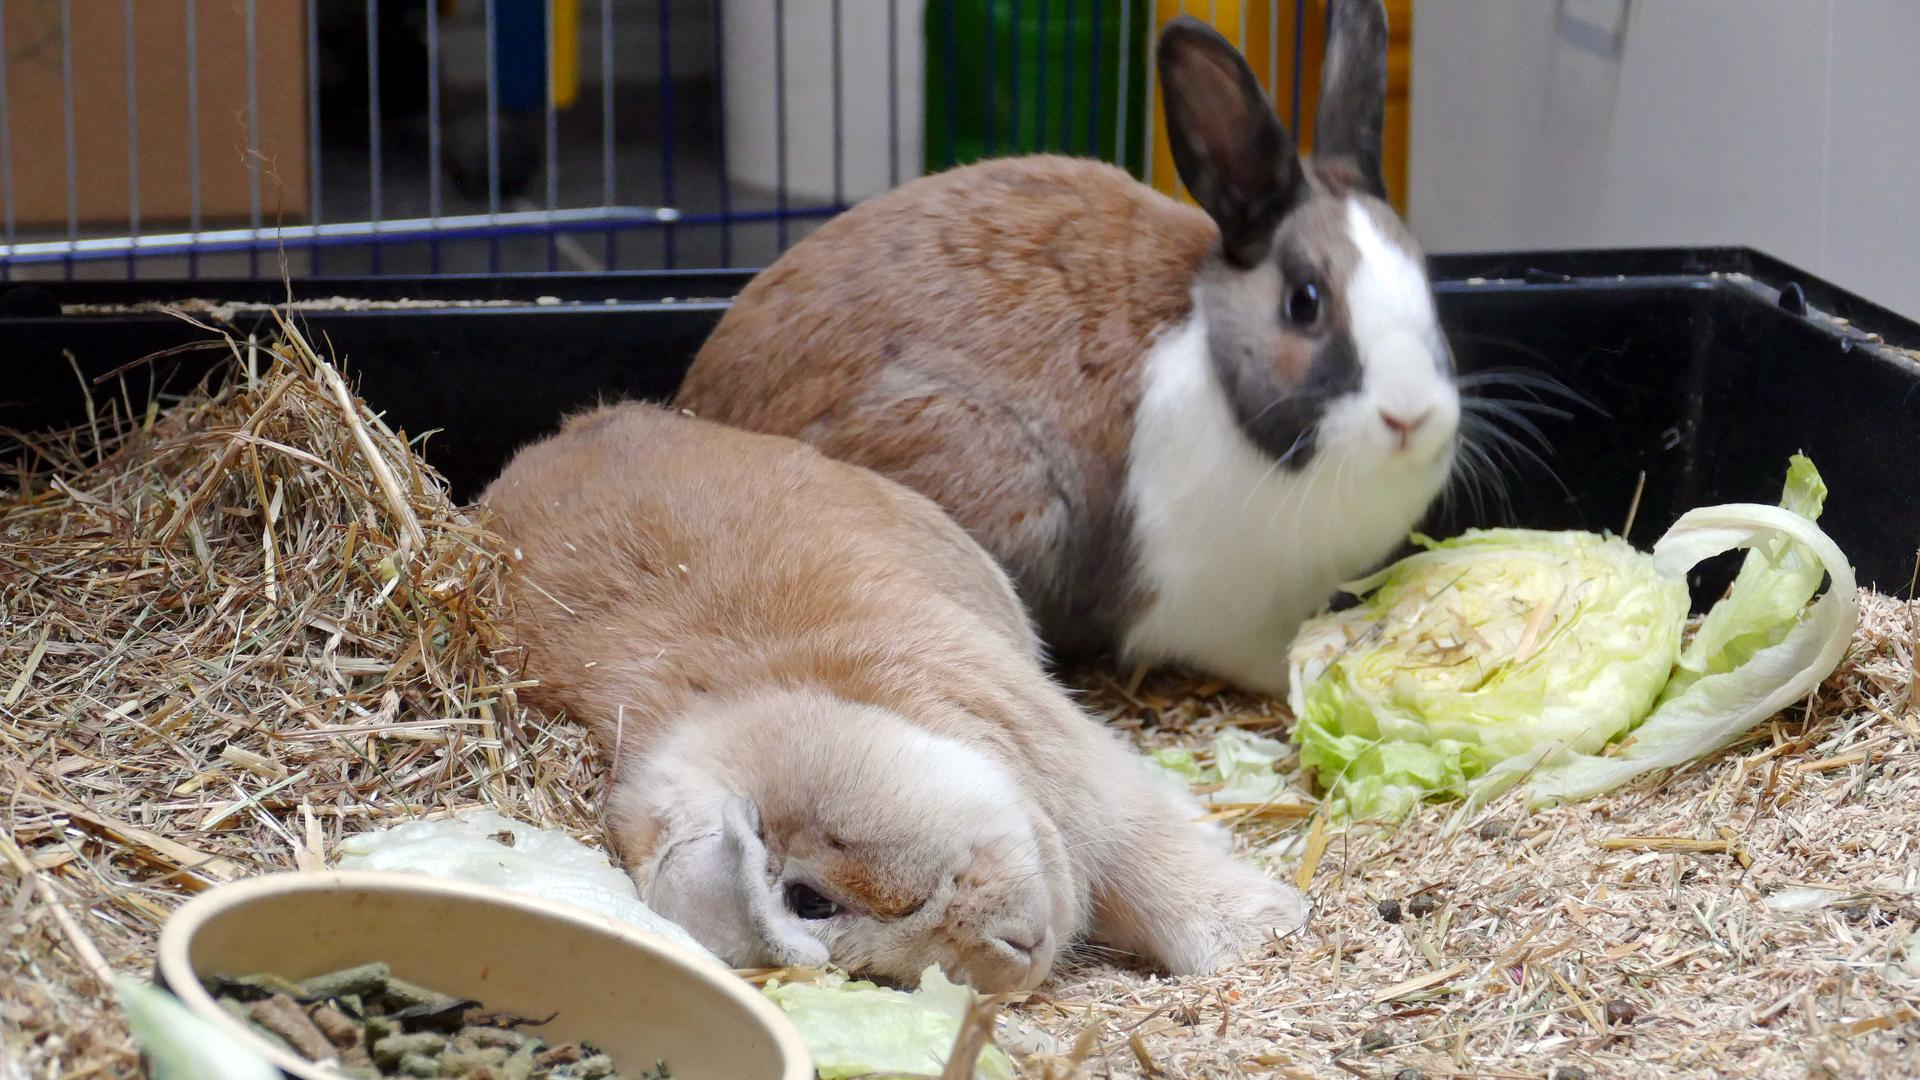 """Liegt da wie betrunken, hat aber durch Bakterienbefall einen """"Schiefkopf"""", was ihn seiner Lebensfreude aber nicht beraubt: Widderkopf-Kaninchen Bonnie (links) wartet mit seiner Gefährtin Mimi auf ein neues Zuhause"""